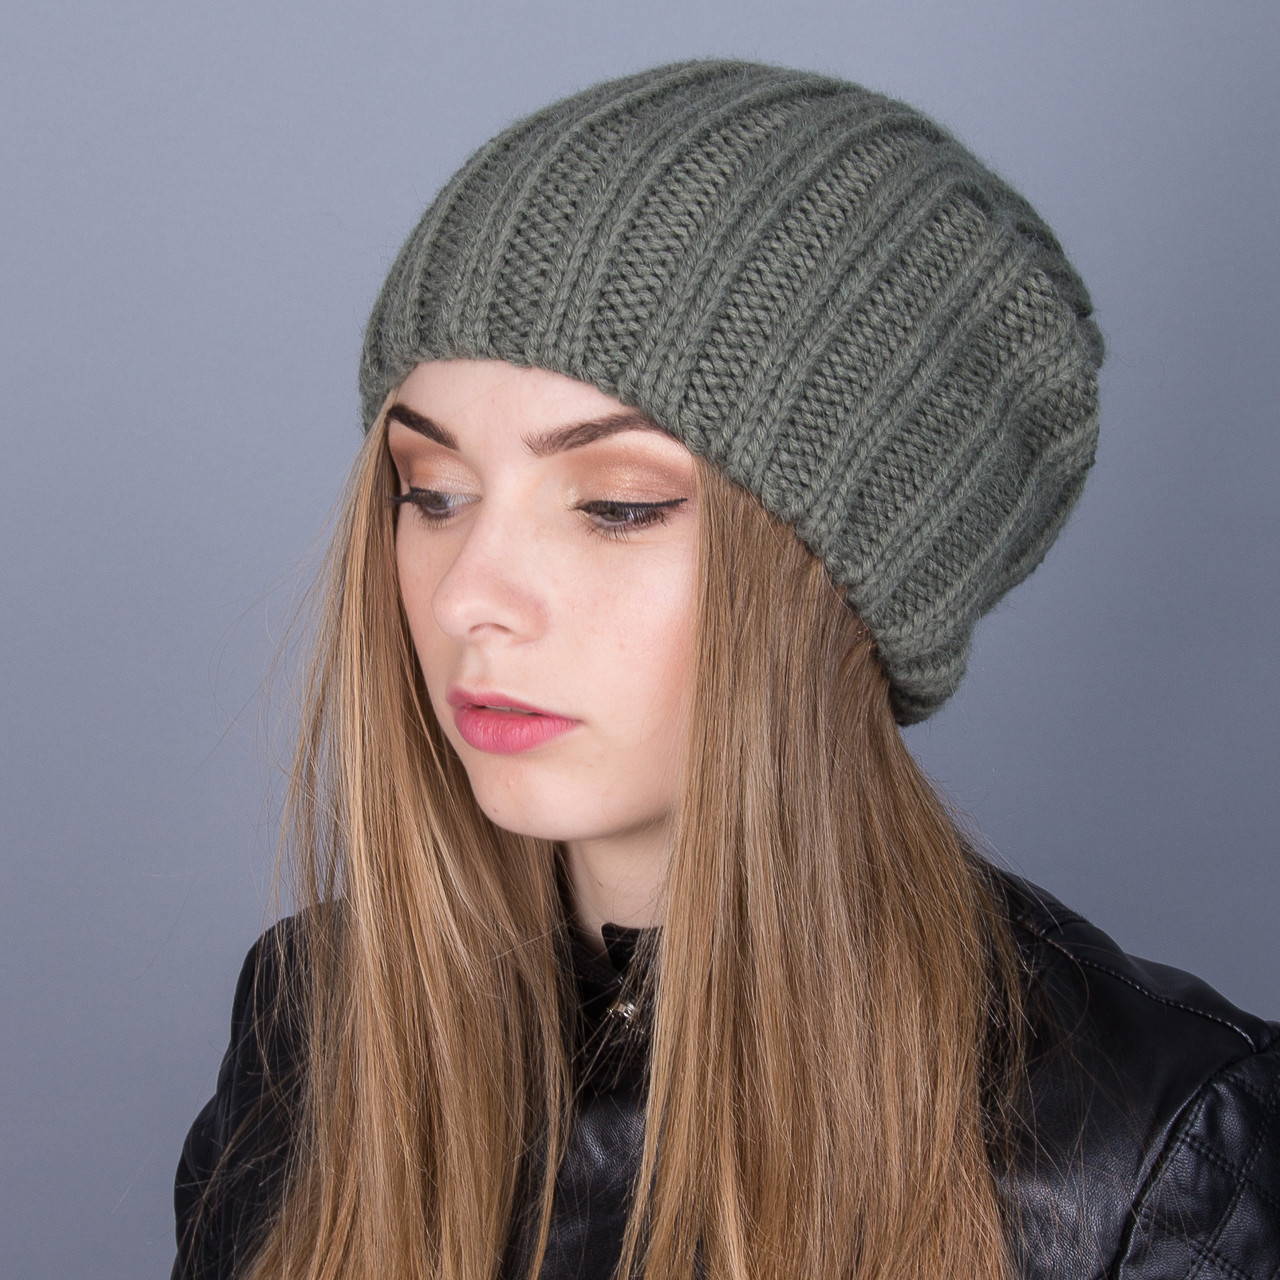 Стильная вязаная зимняя женская шапка из ангорки - Артикул 6991